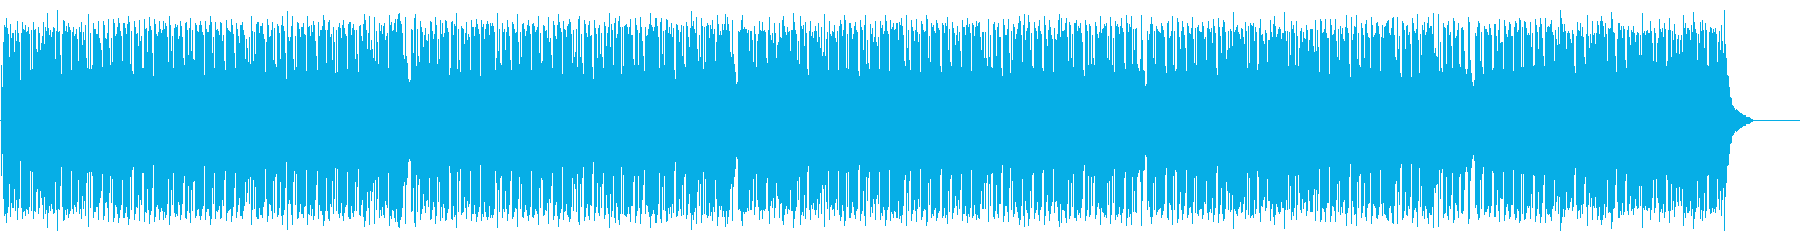 テンポの良いポップ(フルサイズ)の再生済みの波形